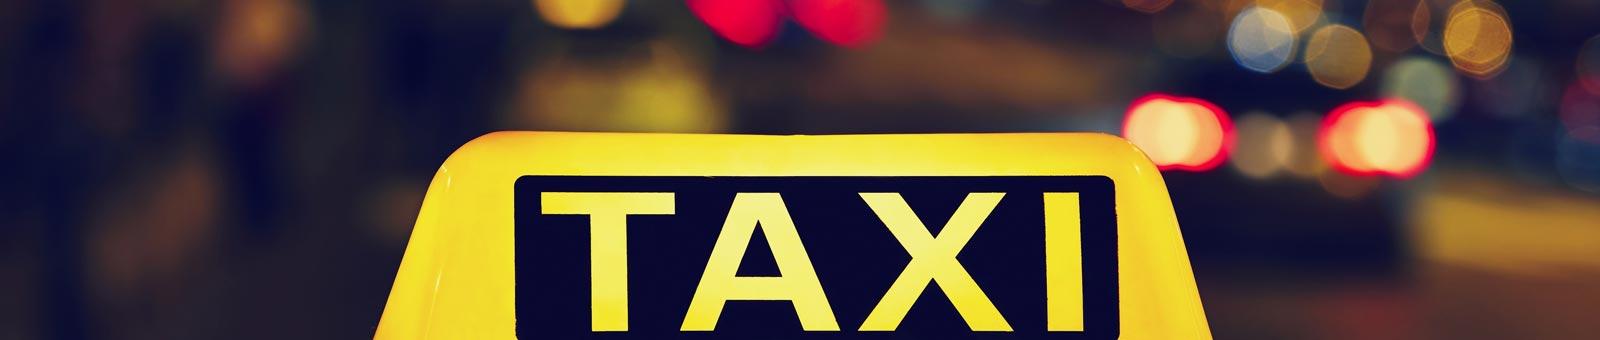 Taxi Veltrop Manders Asten Someren